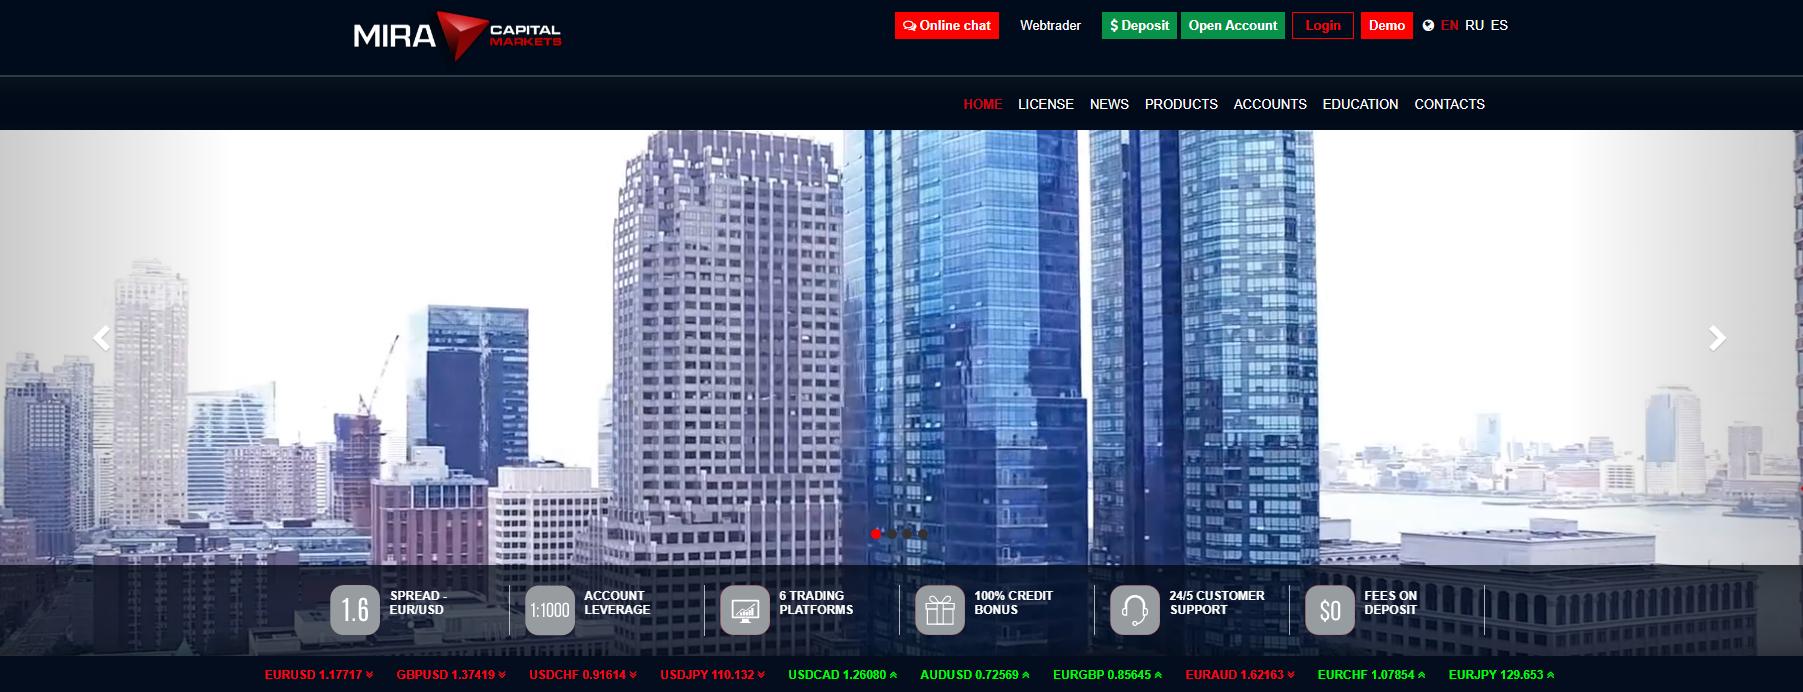 mira capital markets официальный сайт